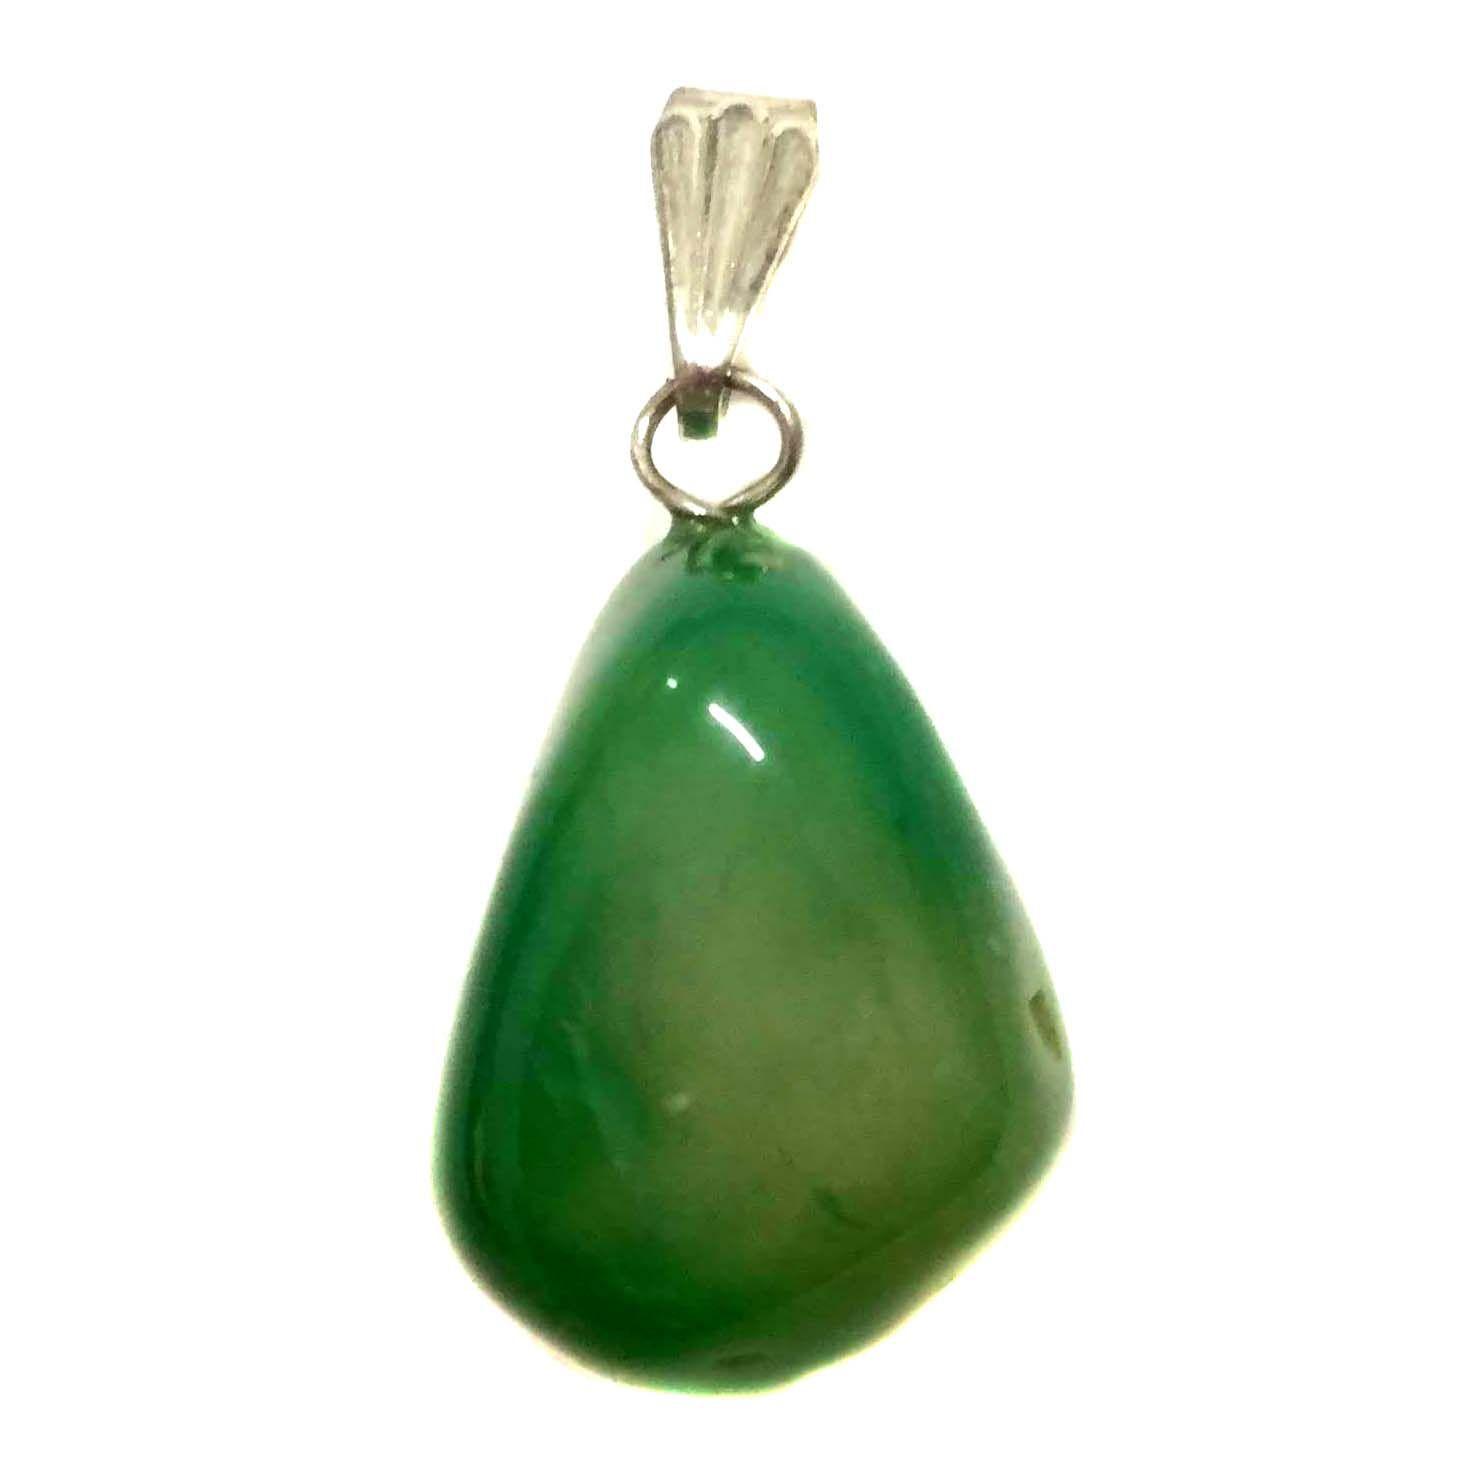 Pingente Prateado de Pedra Ágata Verde